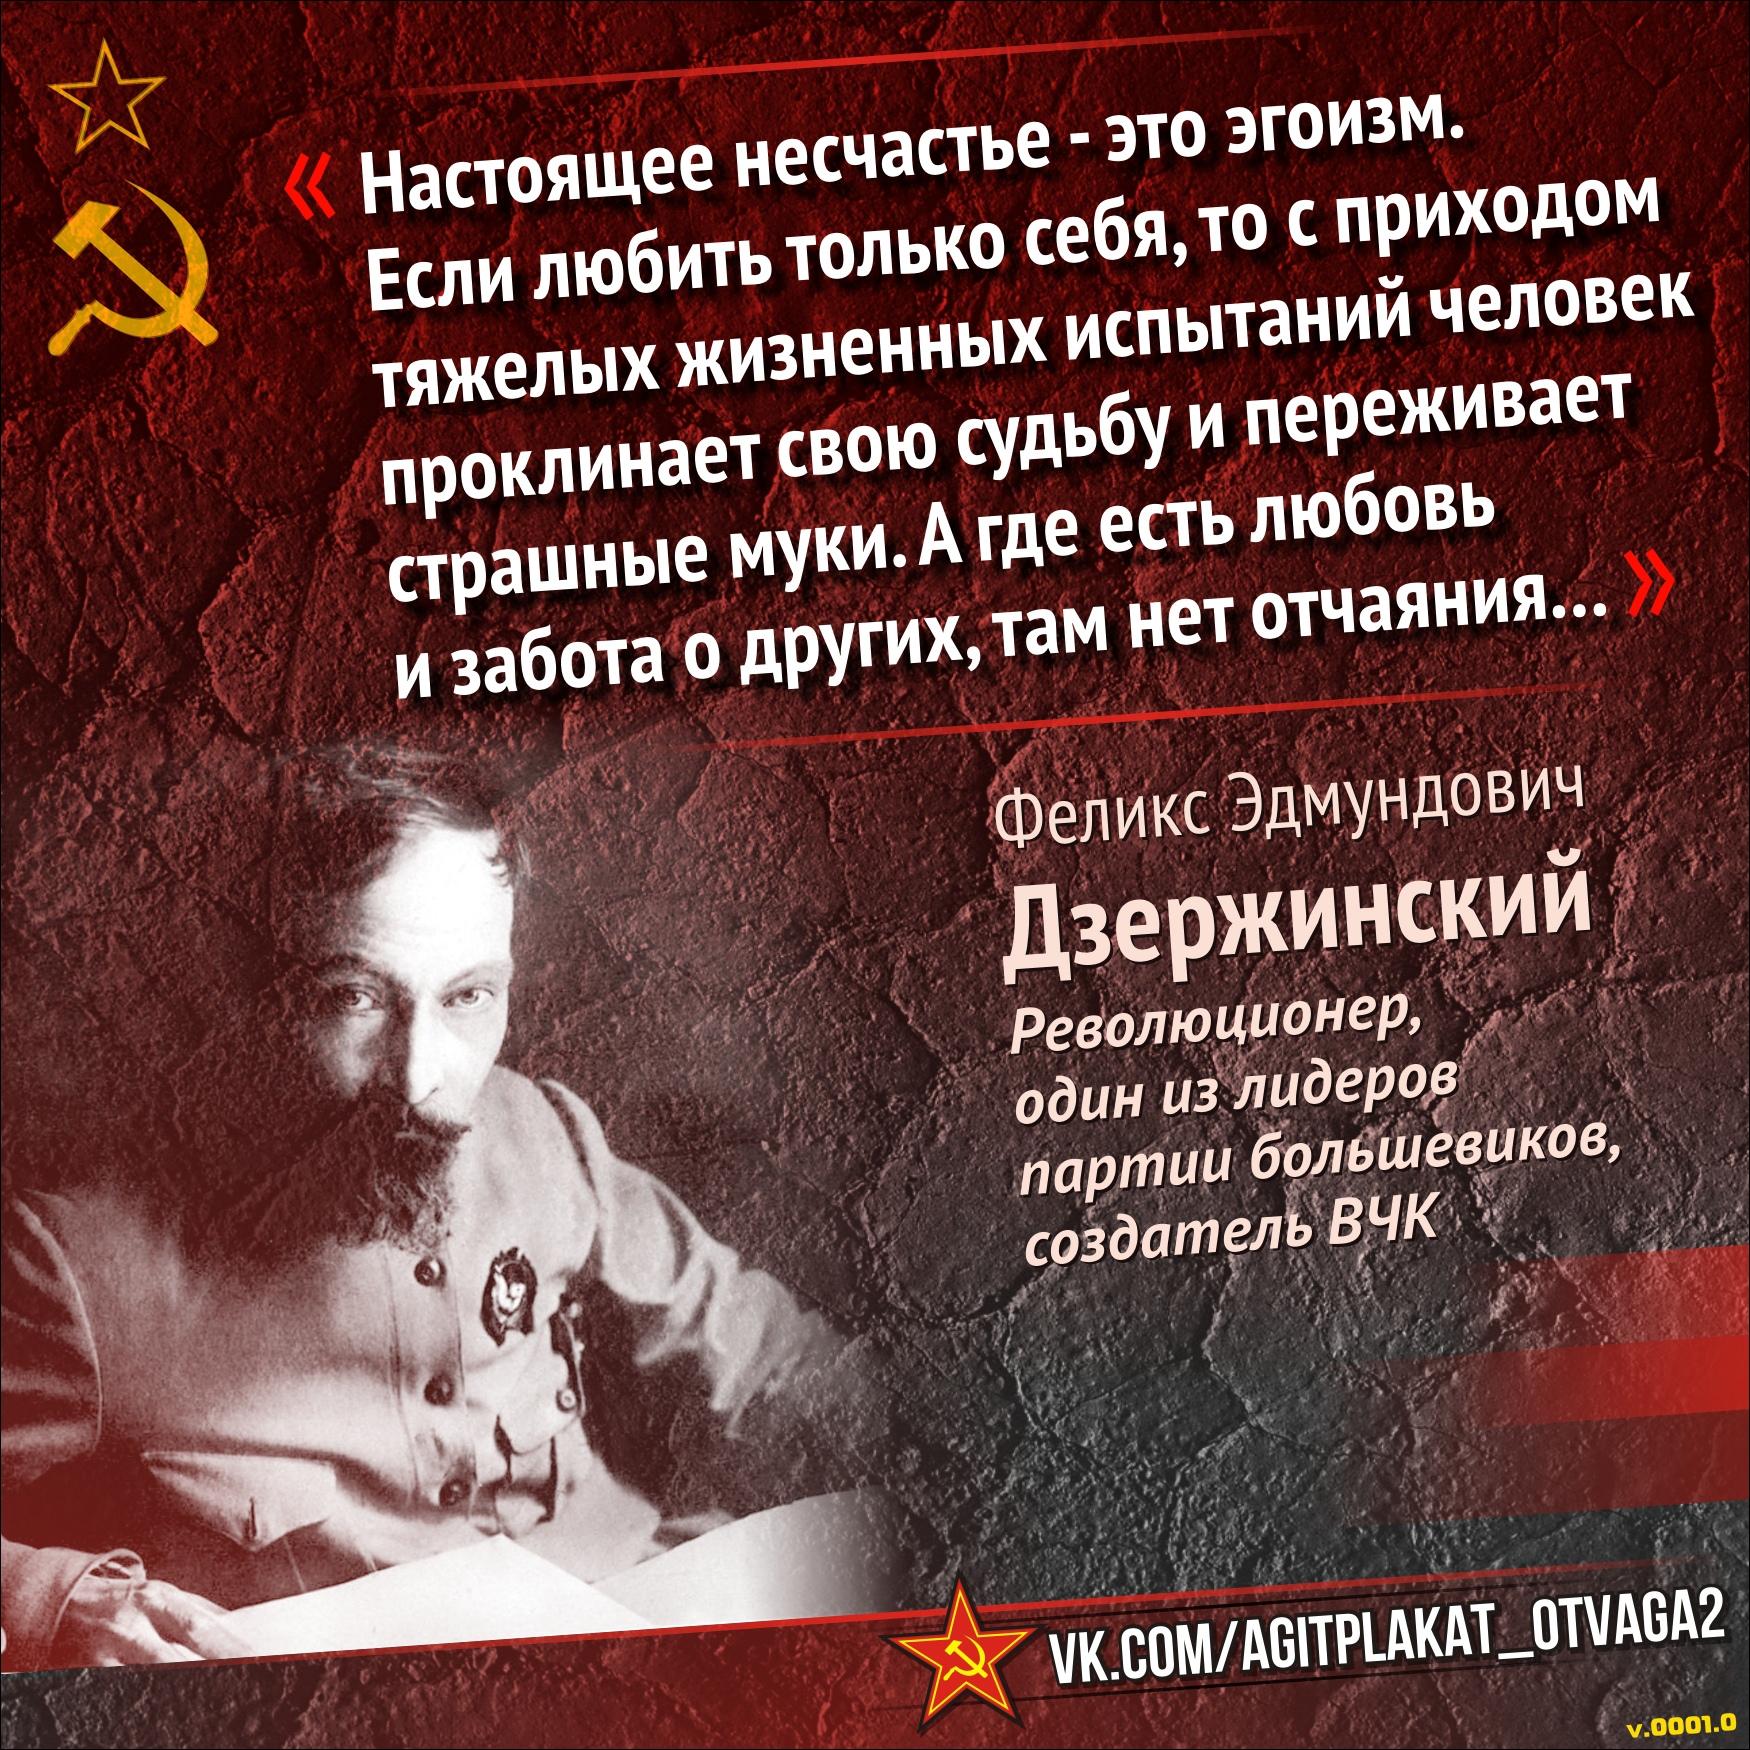 https://pp.userapi.com/c846220/v846220641/e8ba9/XaO5WZBVM_Y.jpg